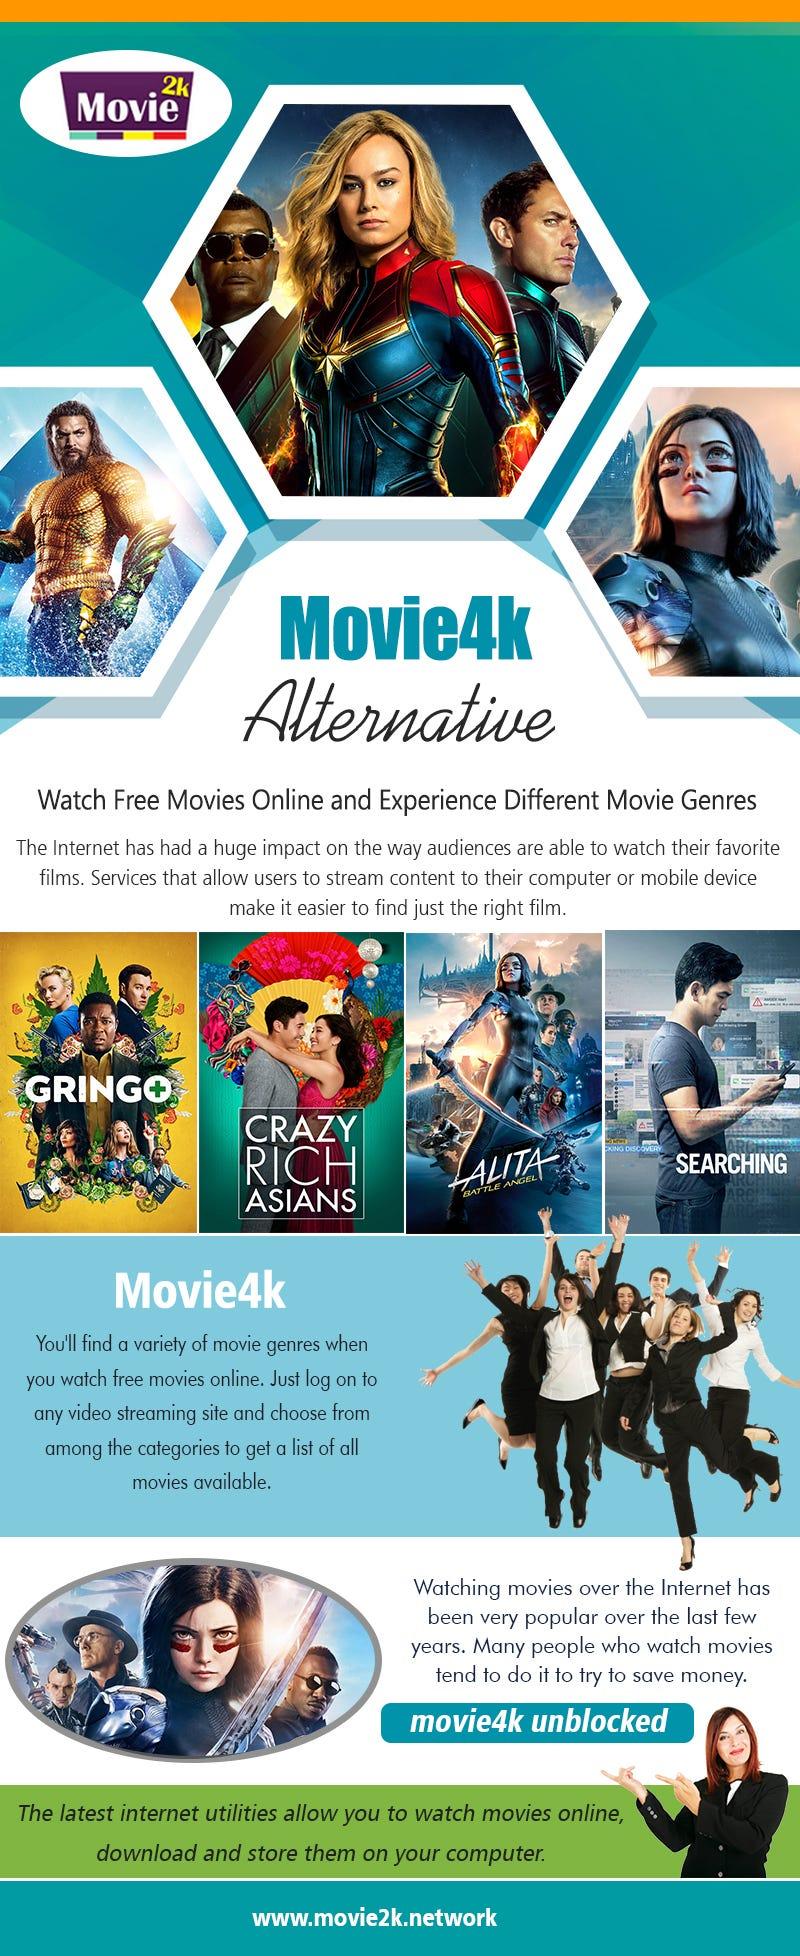 Unblocked Movies 66 : unblocked, movies, Movies, Unblocked, Movie